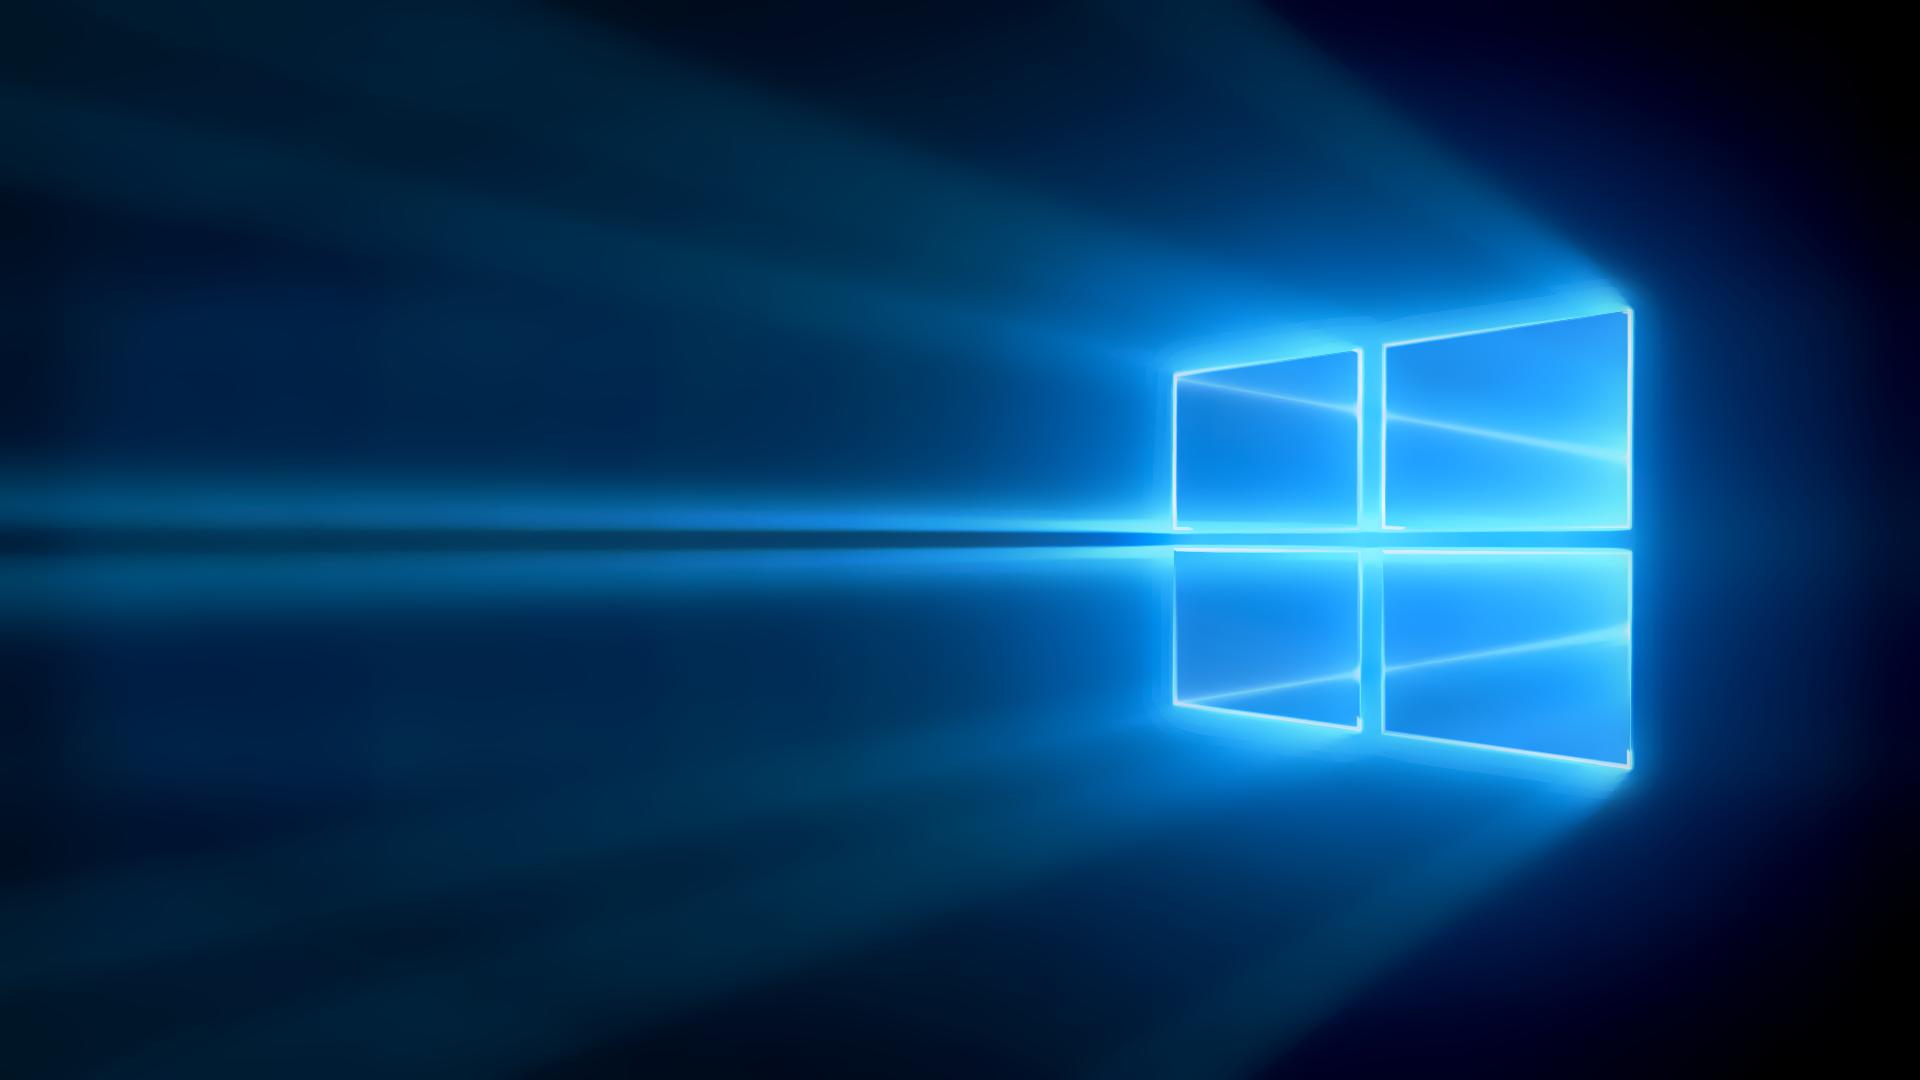 Июньский патч исправил 0-day уязвимость в Windows не до конца